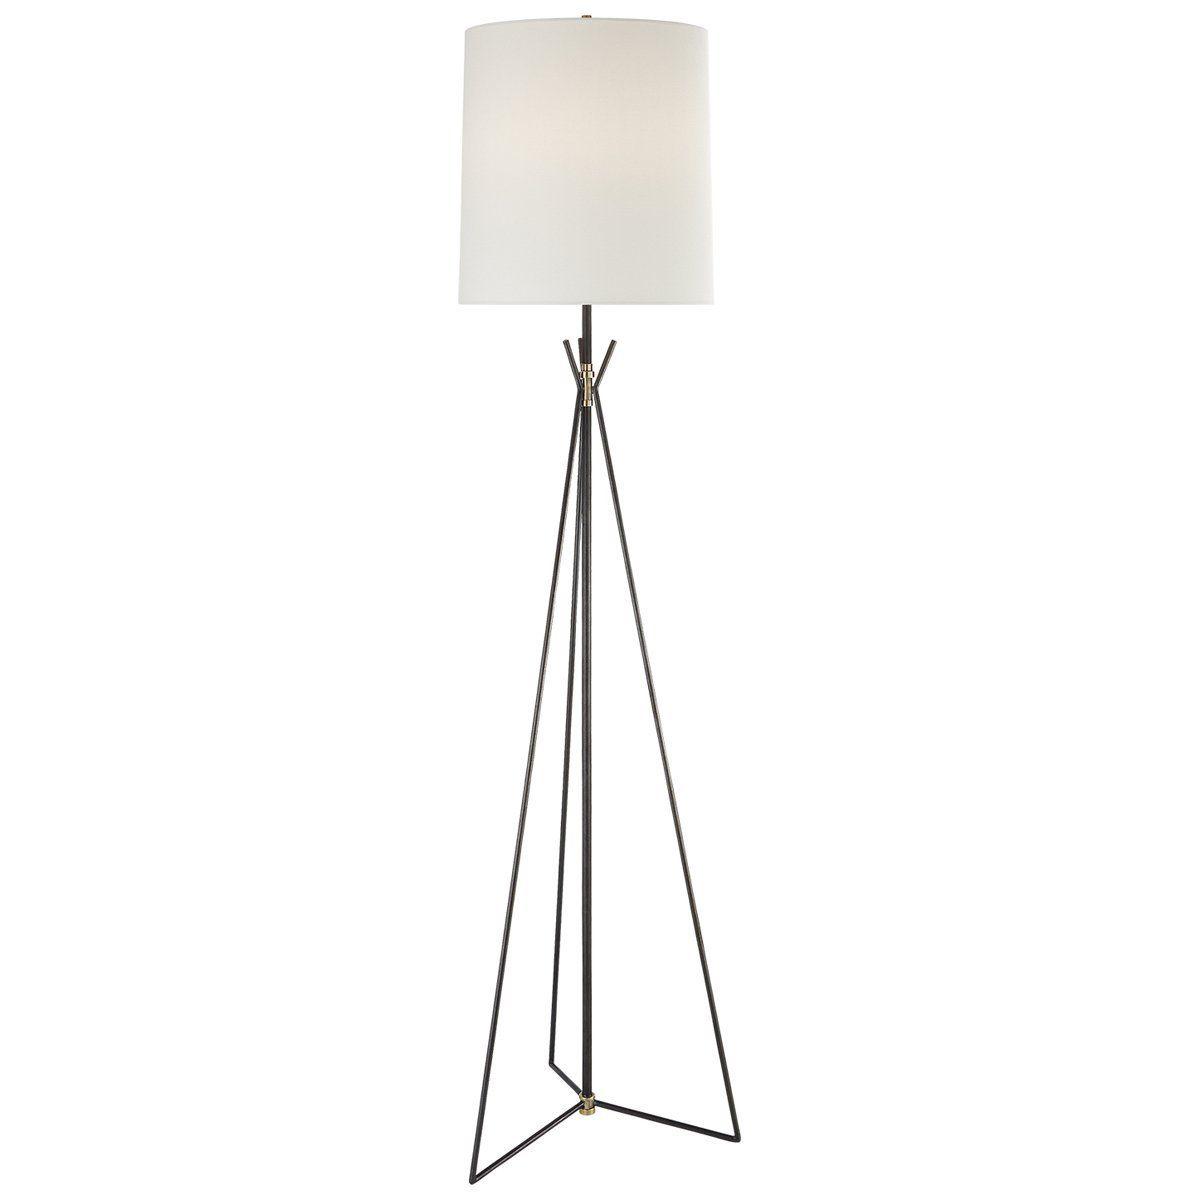 Visual Comfort Lighting Tavares Large Floor Lamp Large